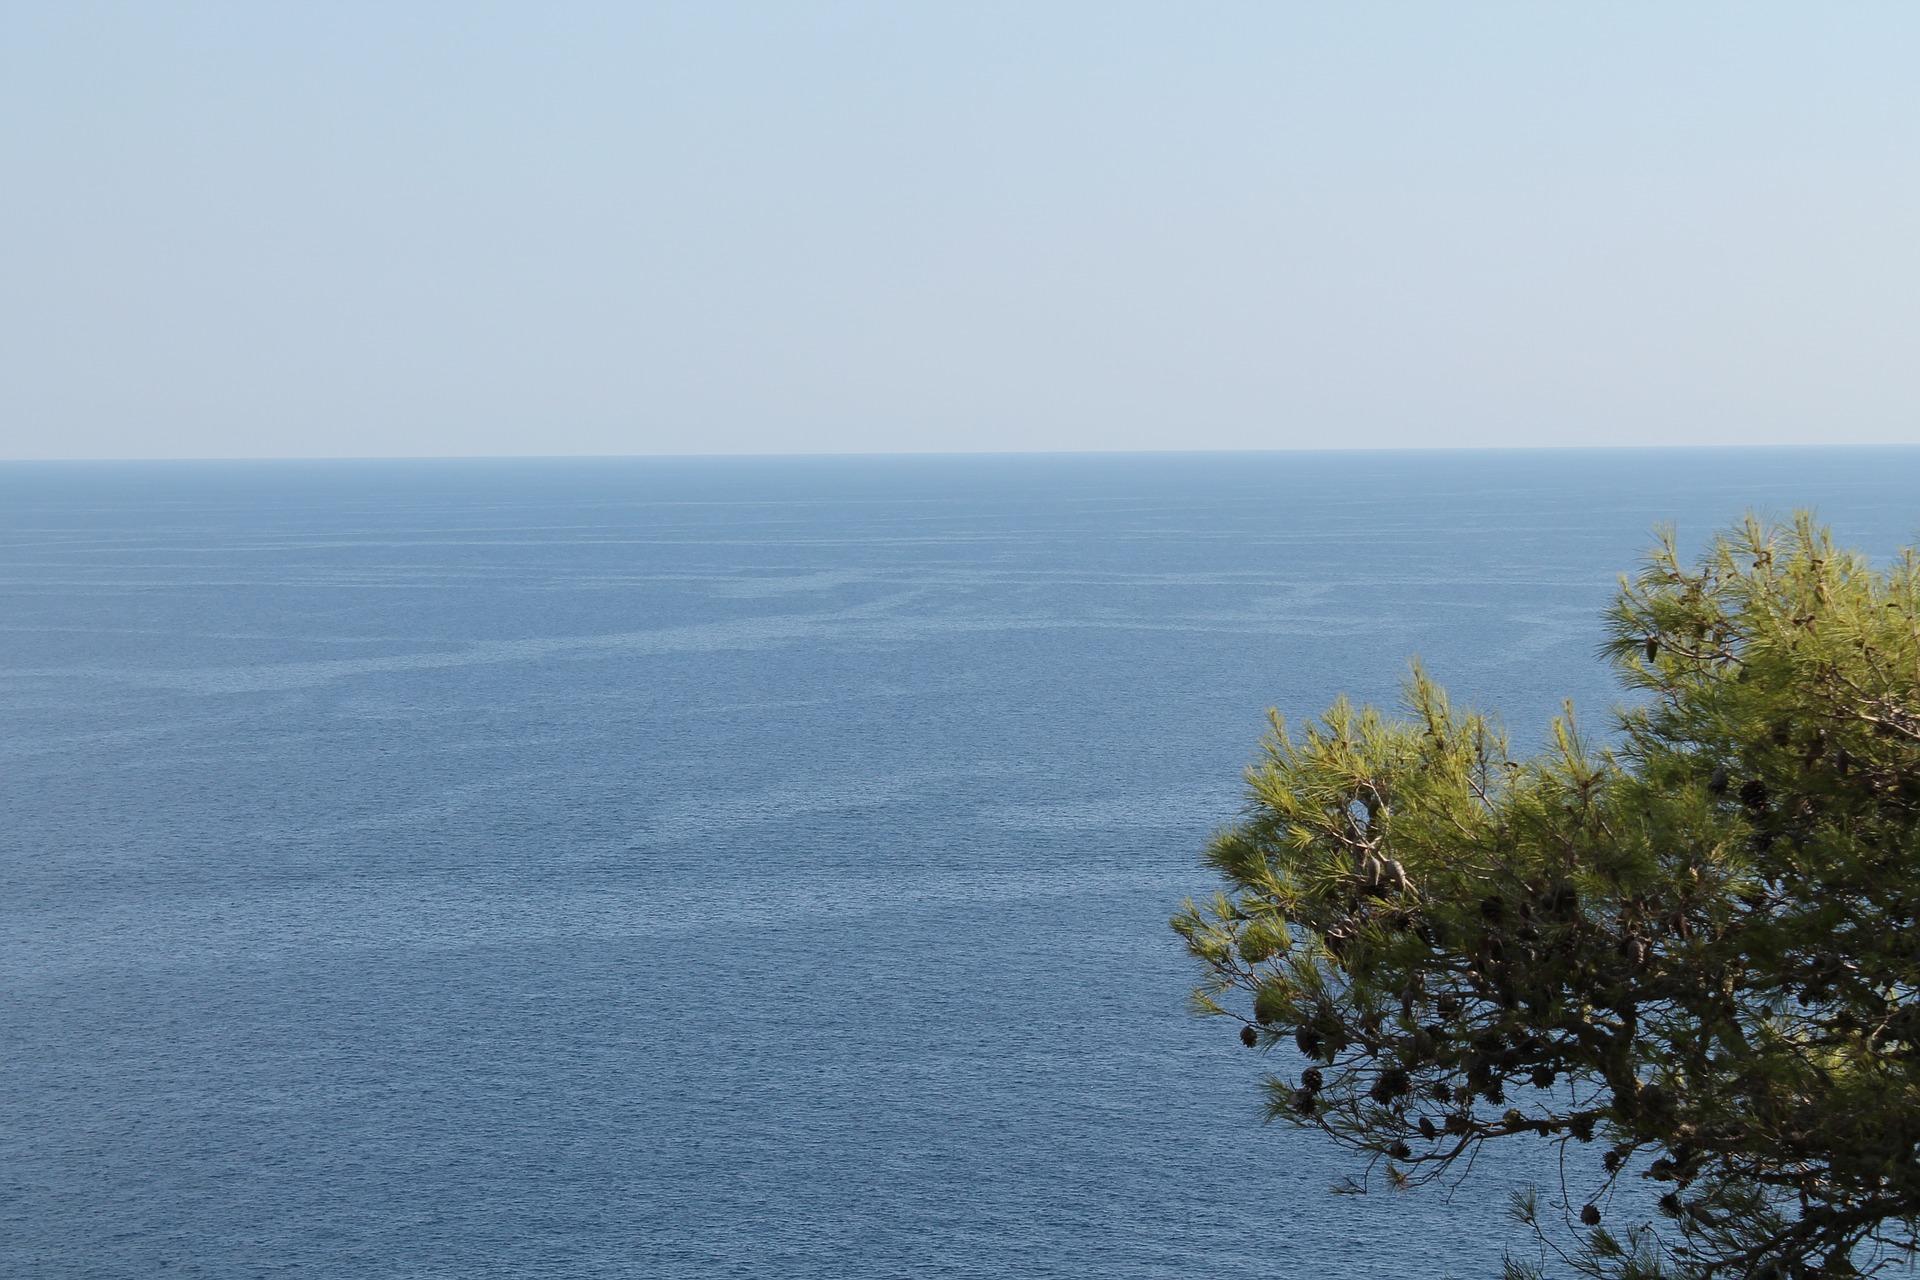 sea Salento, Salento słońce, morze iwiatr czyli rajski zakątek naziemi